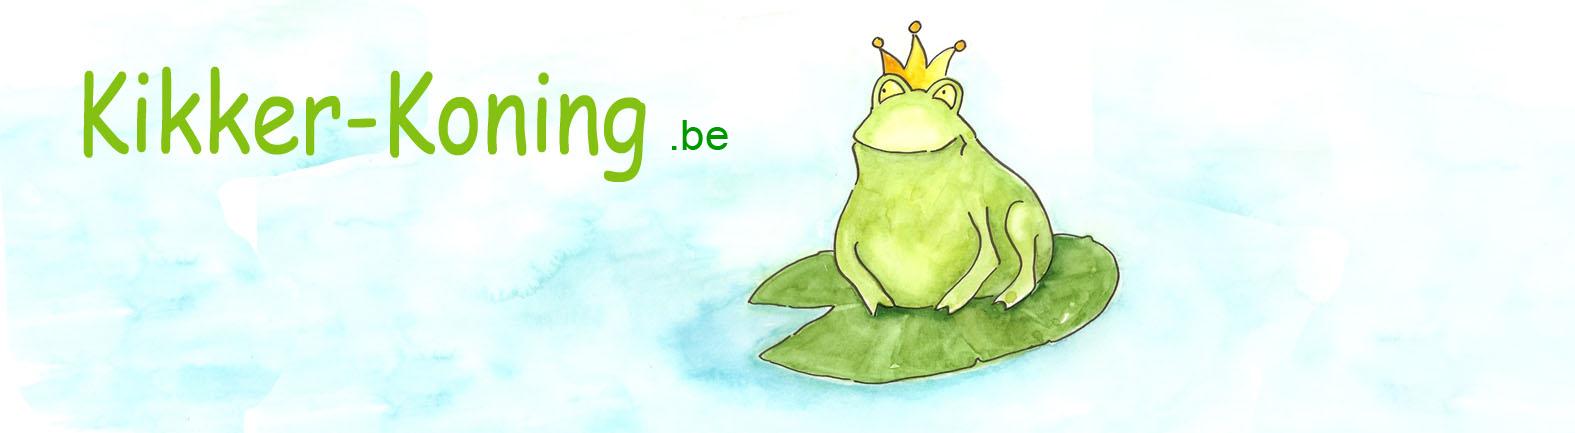 kikker-koning.be